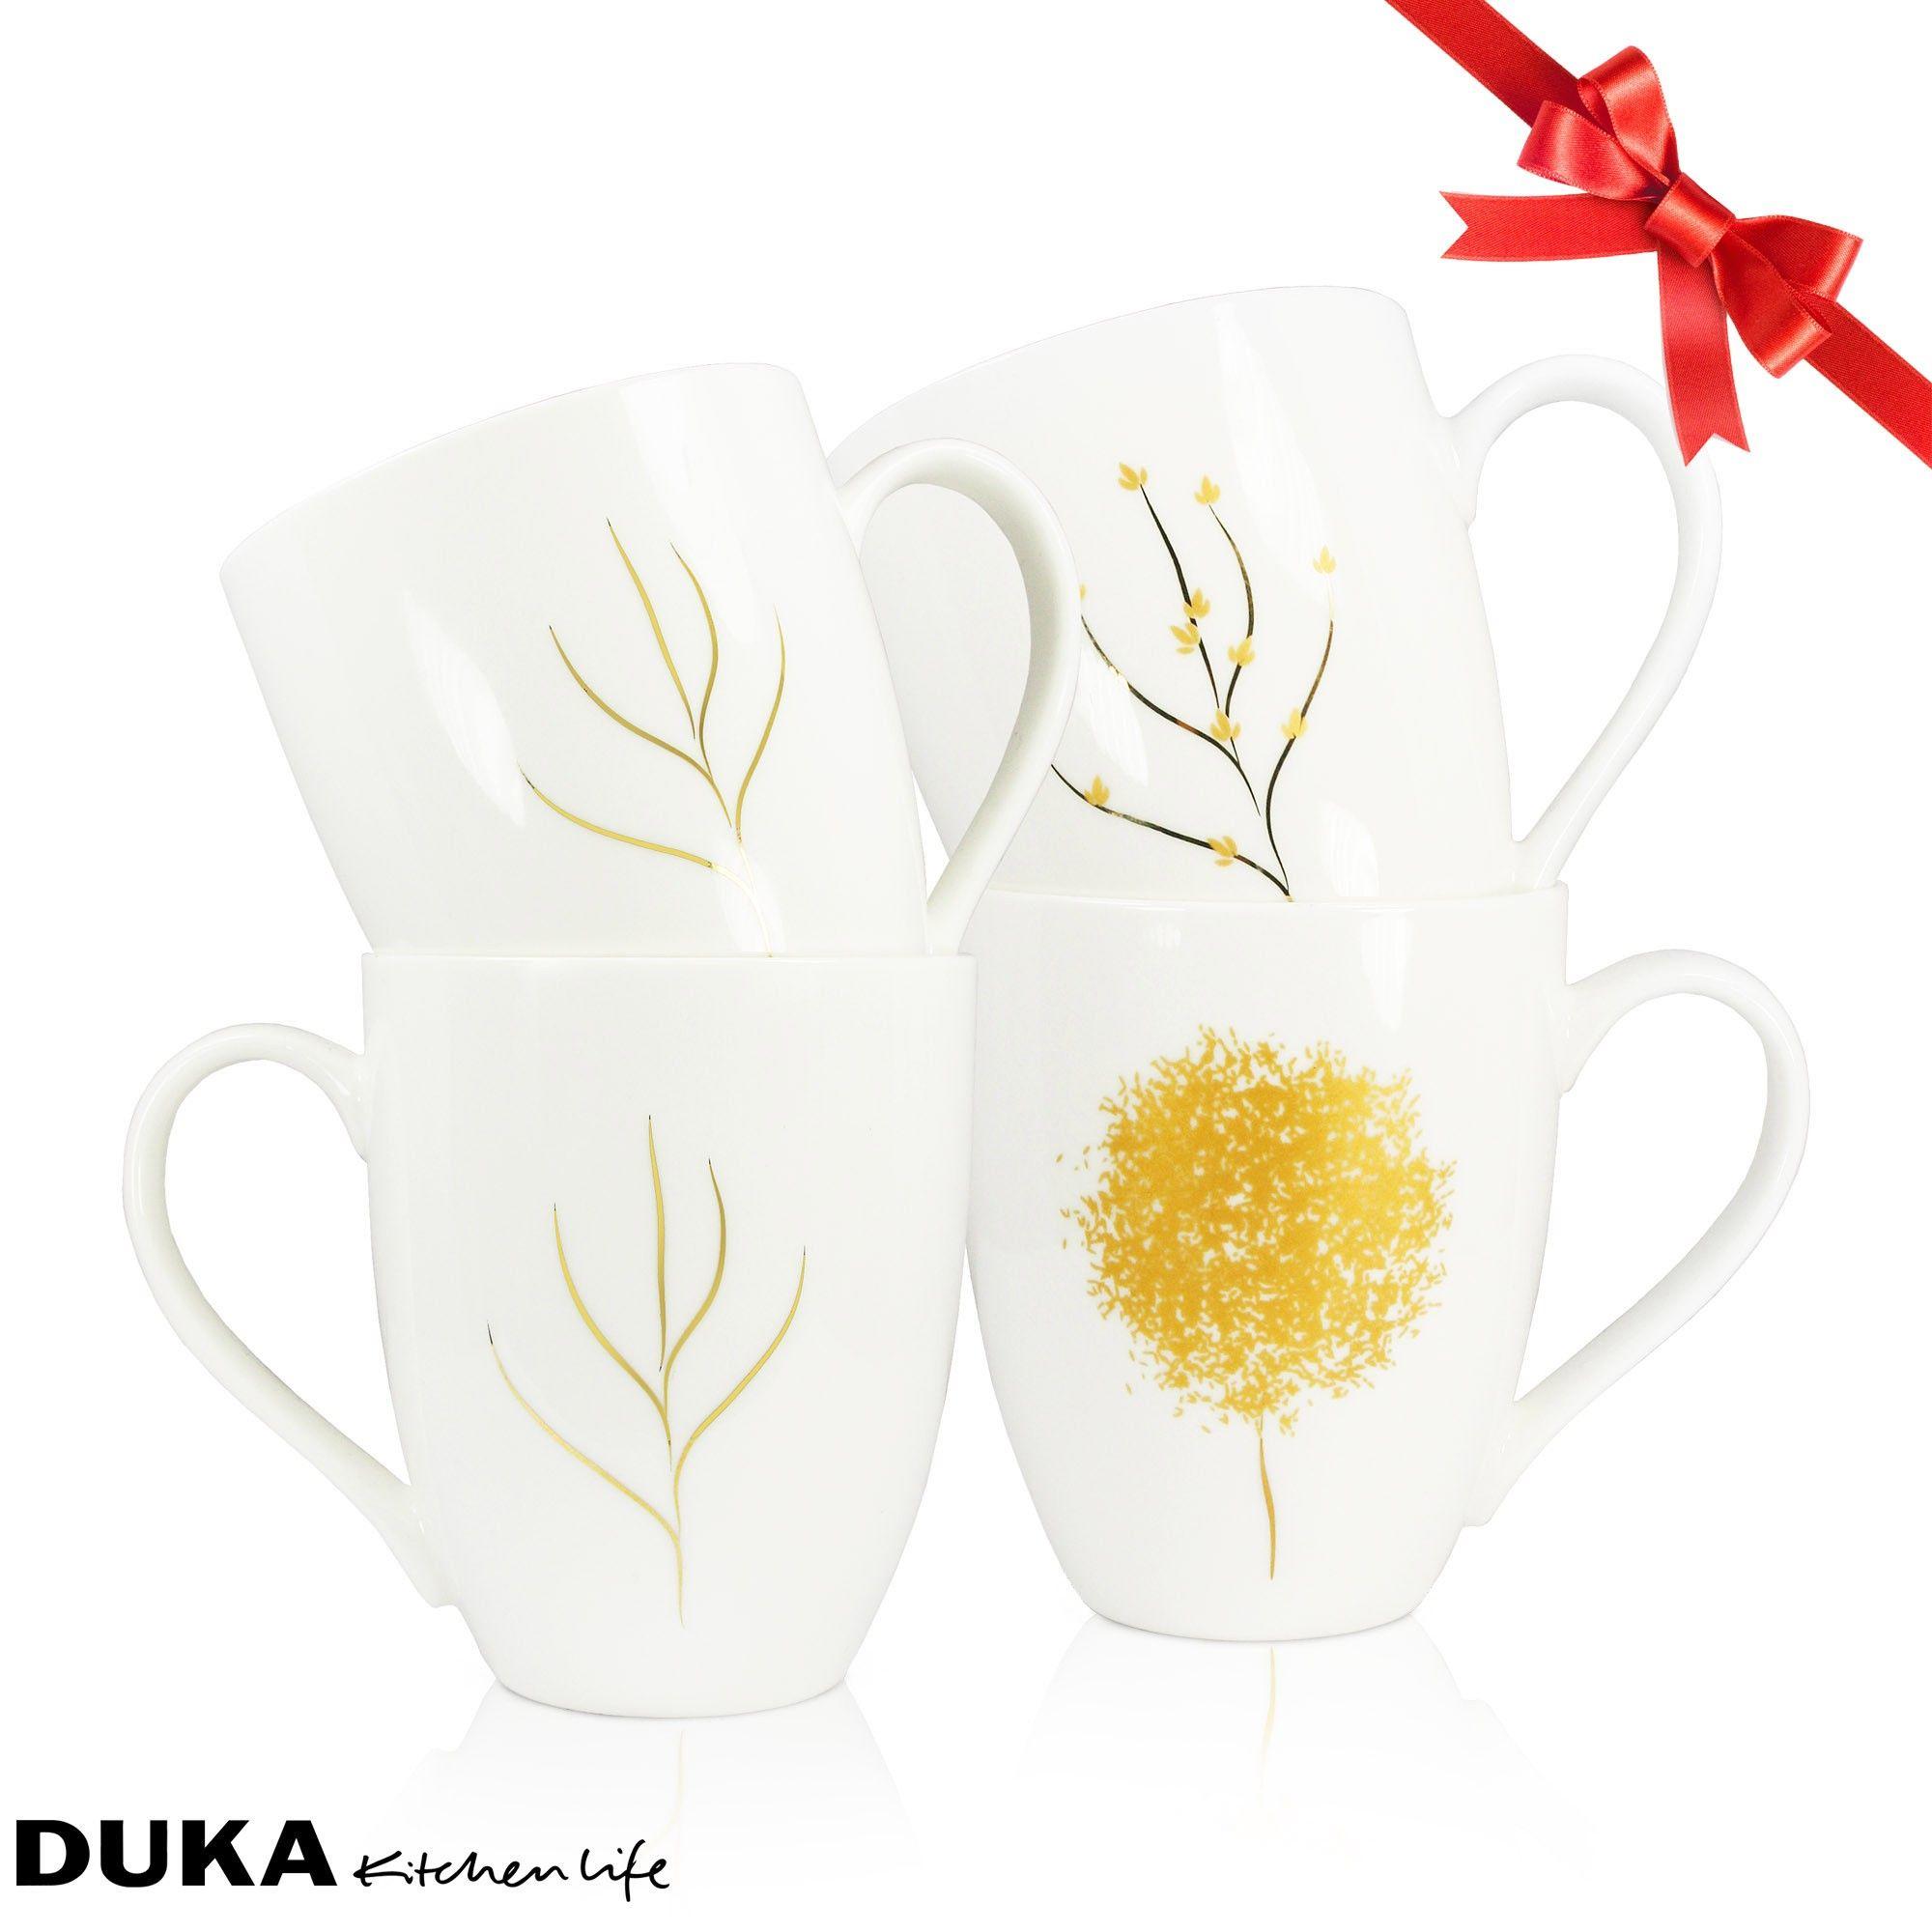 _duka_fourseasons_1212173_zestaw_4_kubkow_2.jpg (2000×2000)